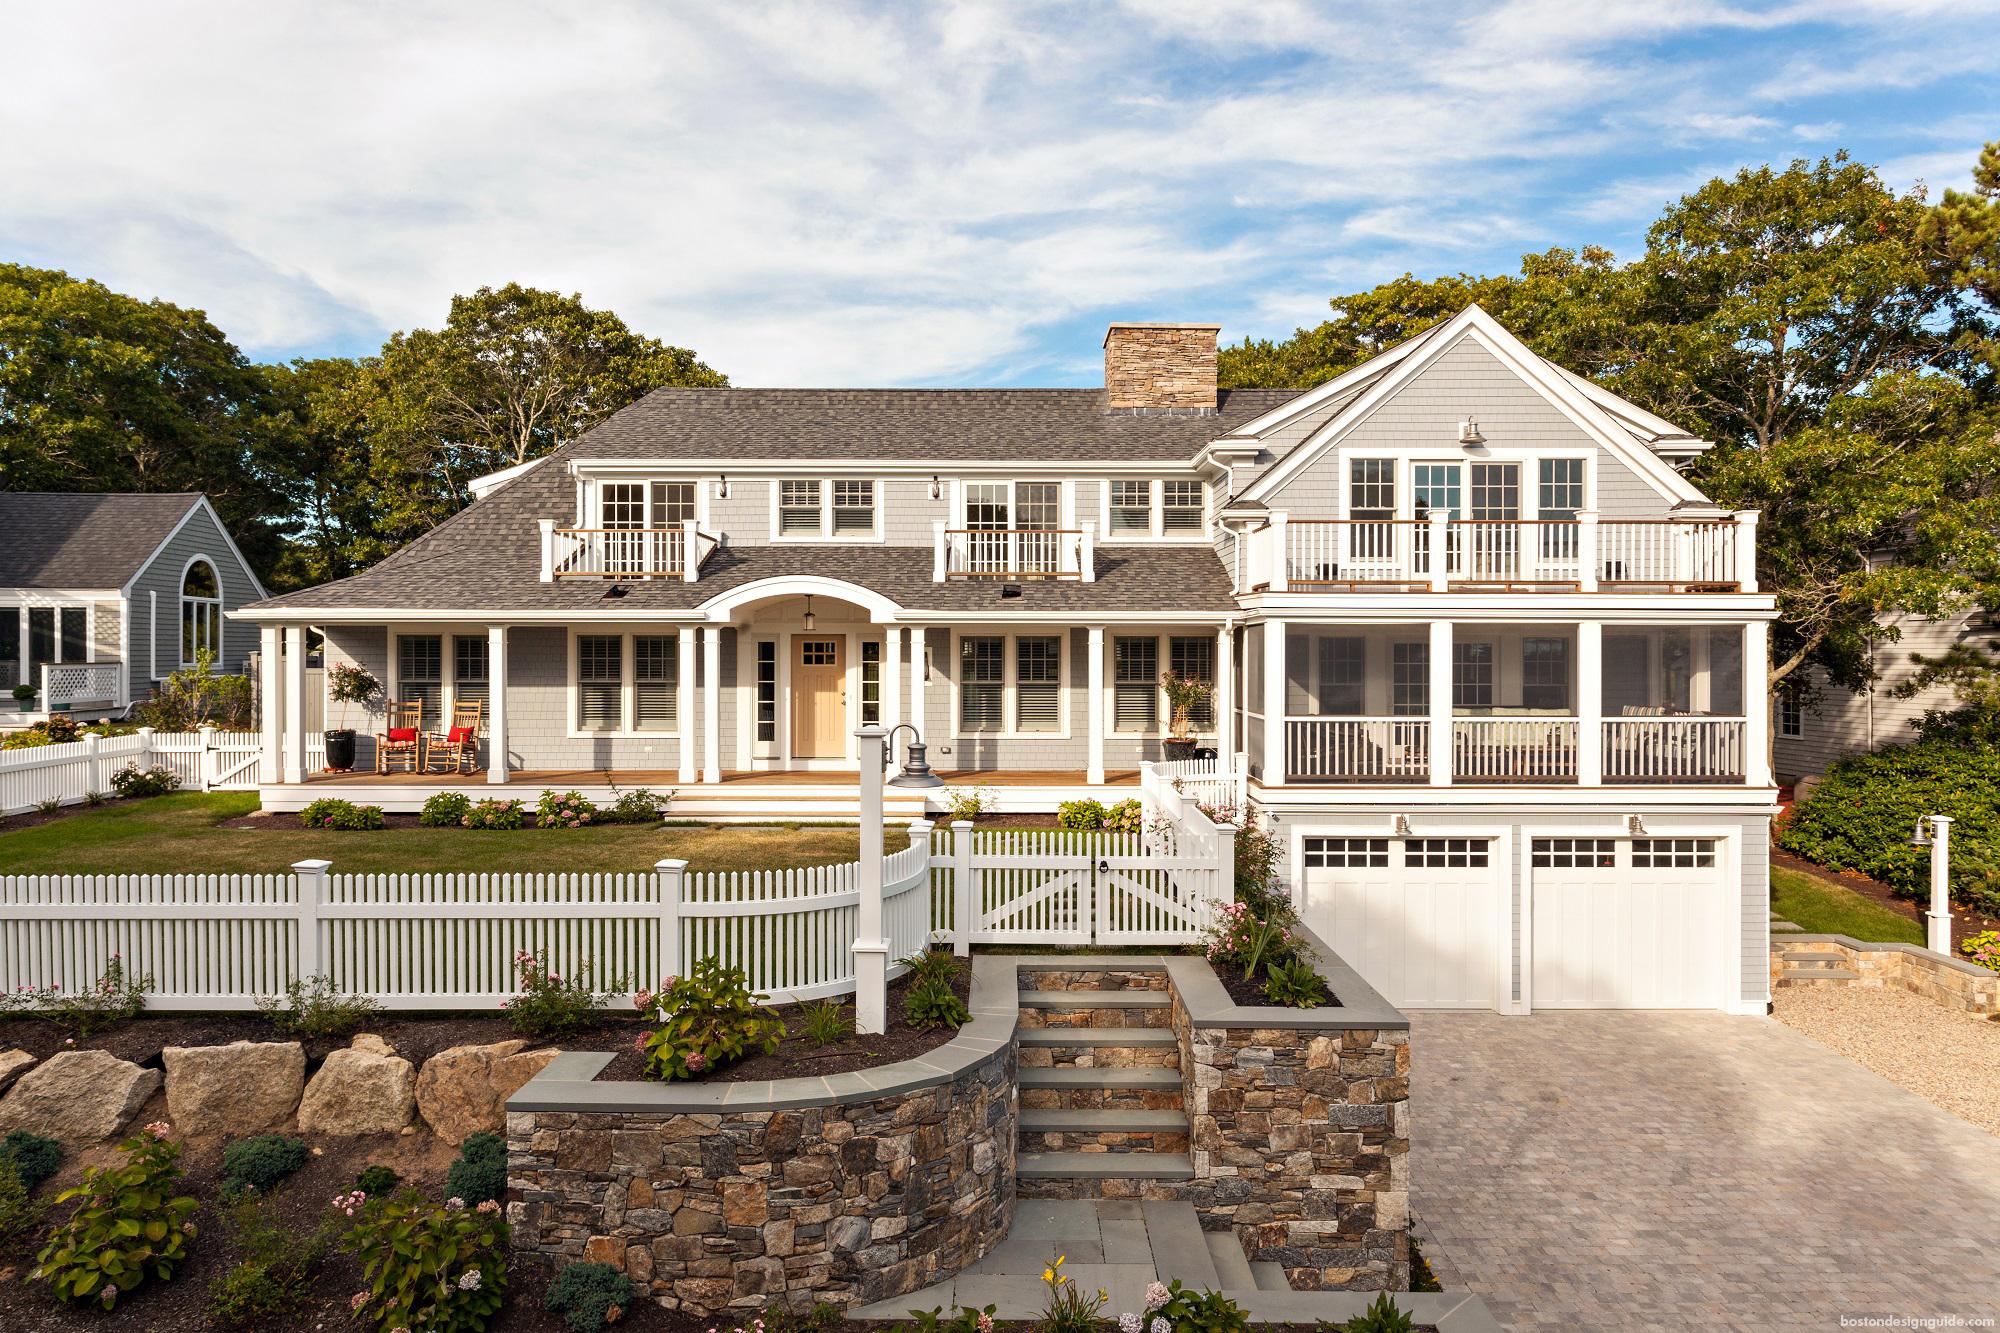 new home design/build on Cape Cod